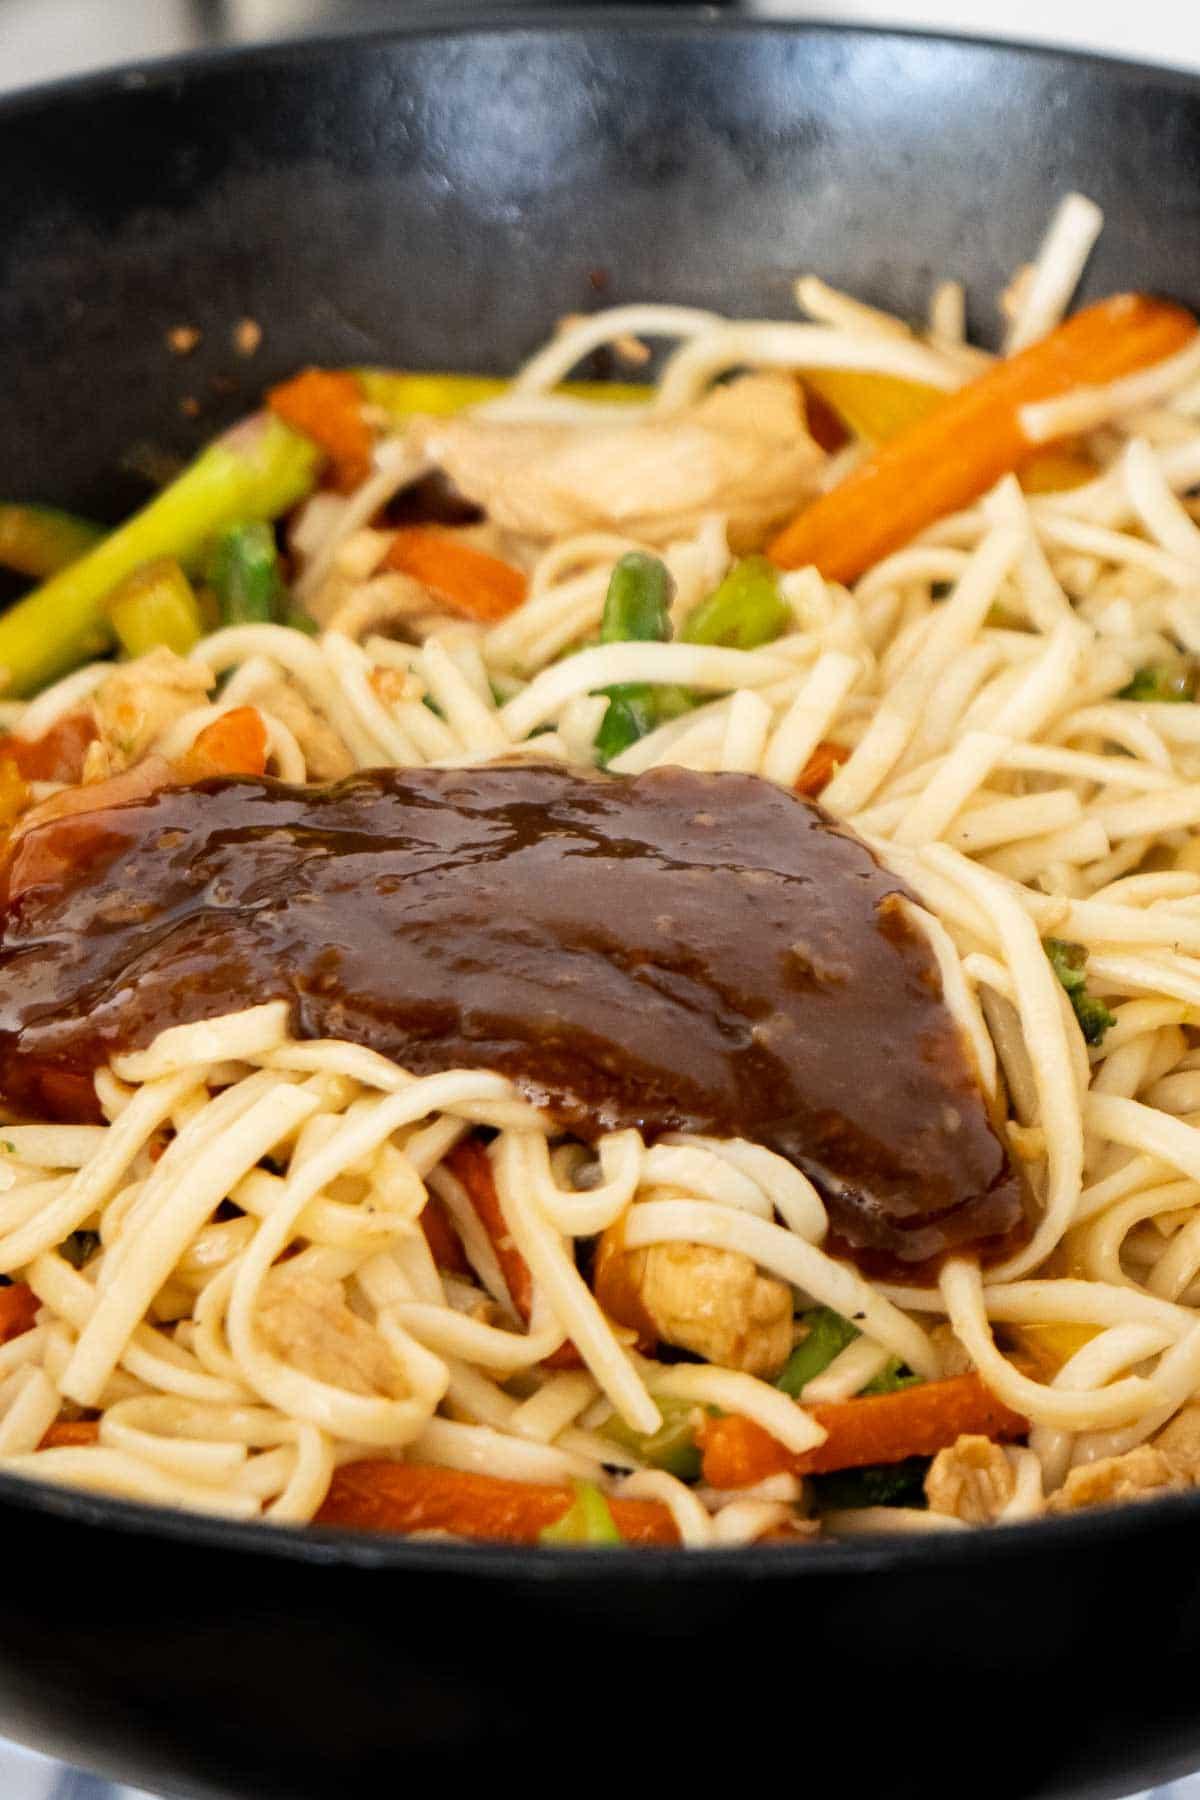 Teriyaki sauce in a teriyaki chicken stir fry